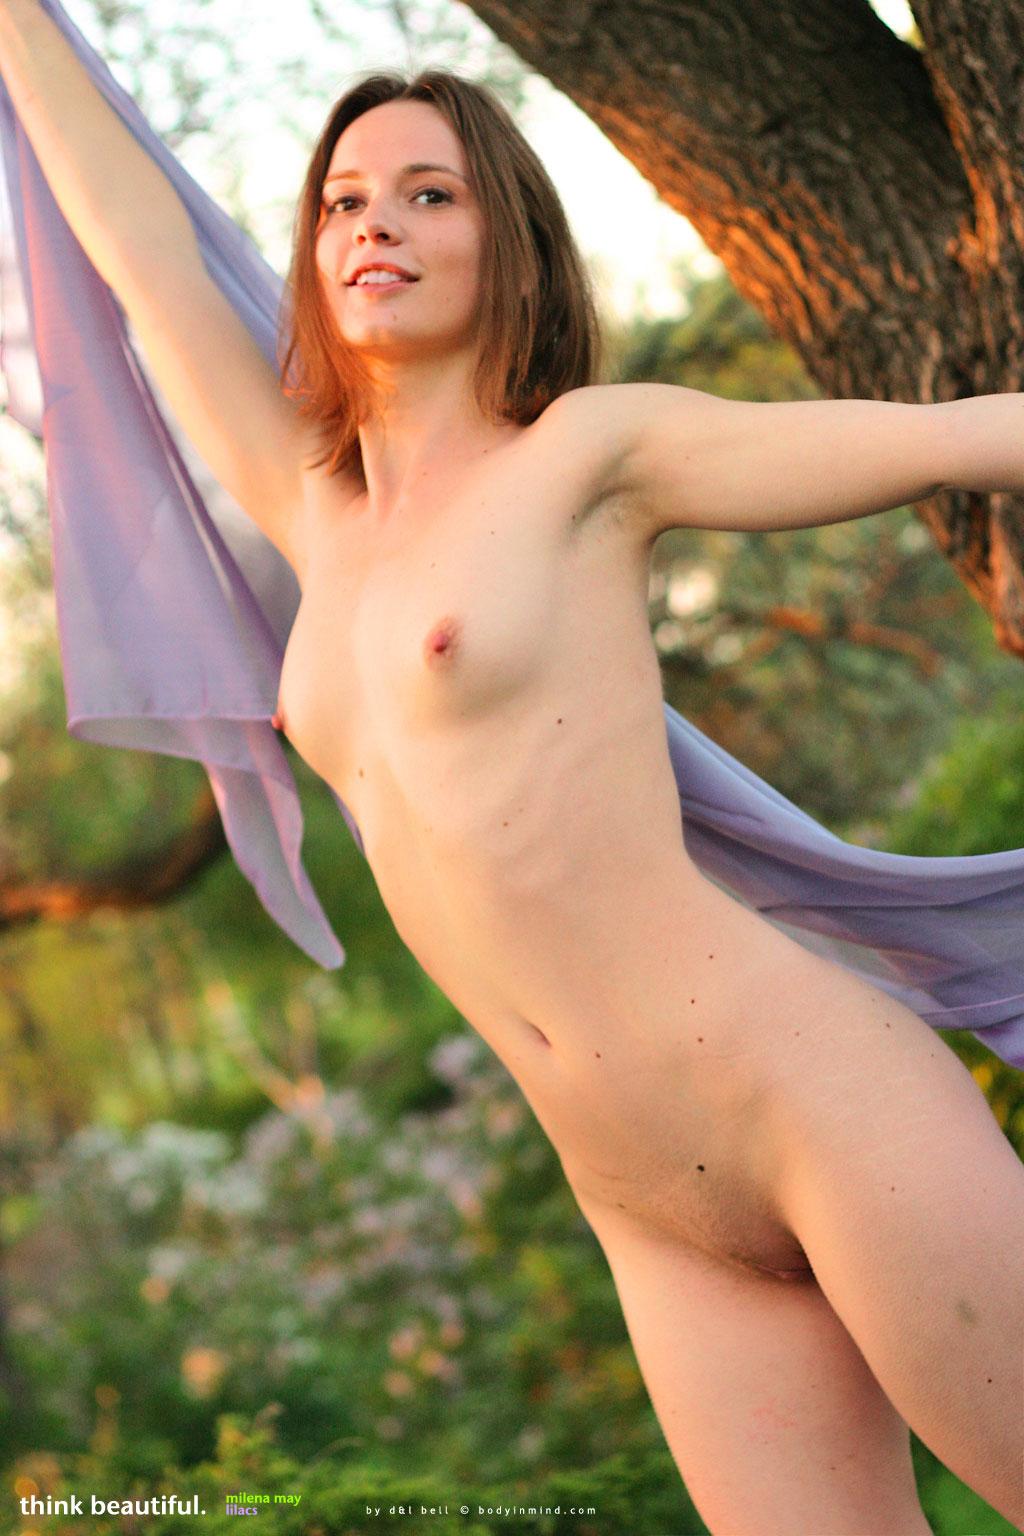 Milena May in Lilacs - NudesPuri.com